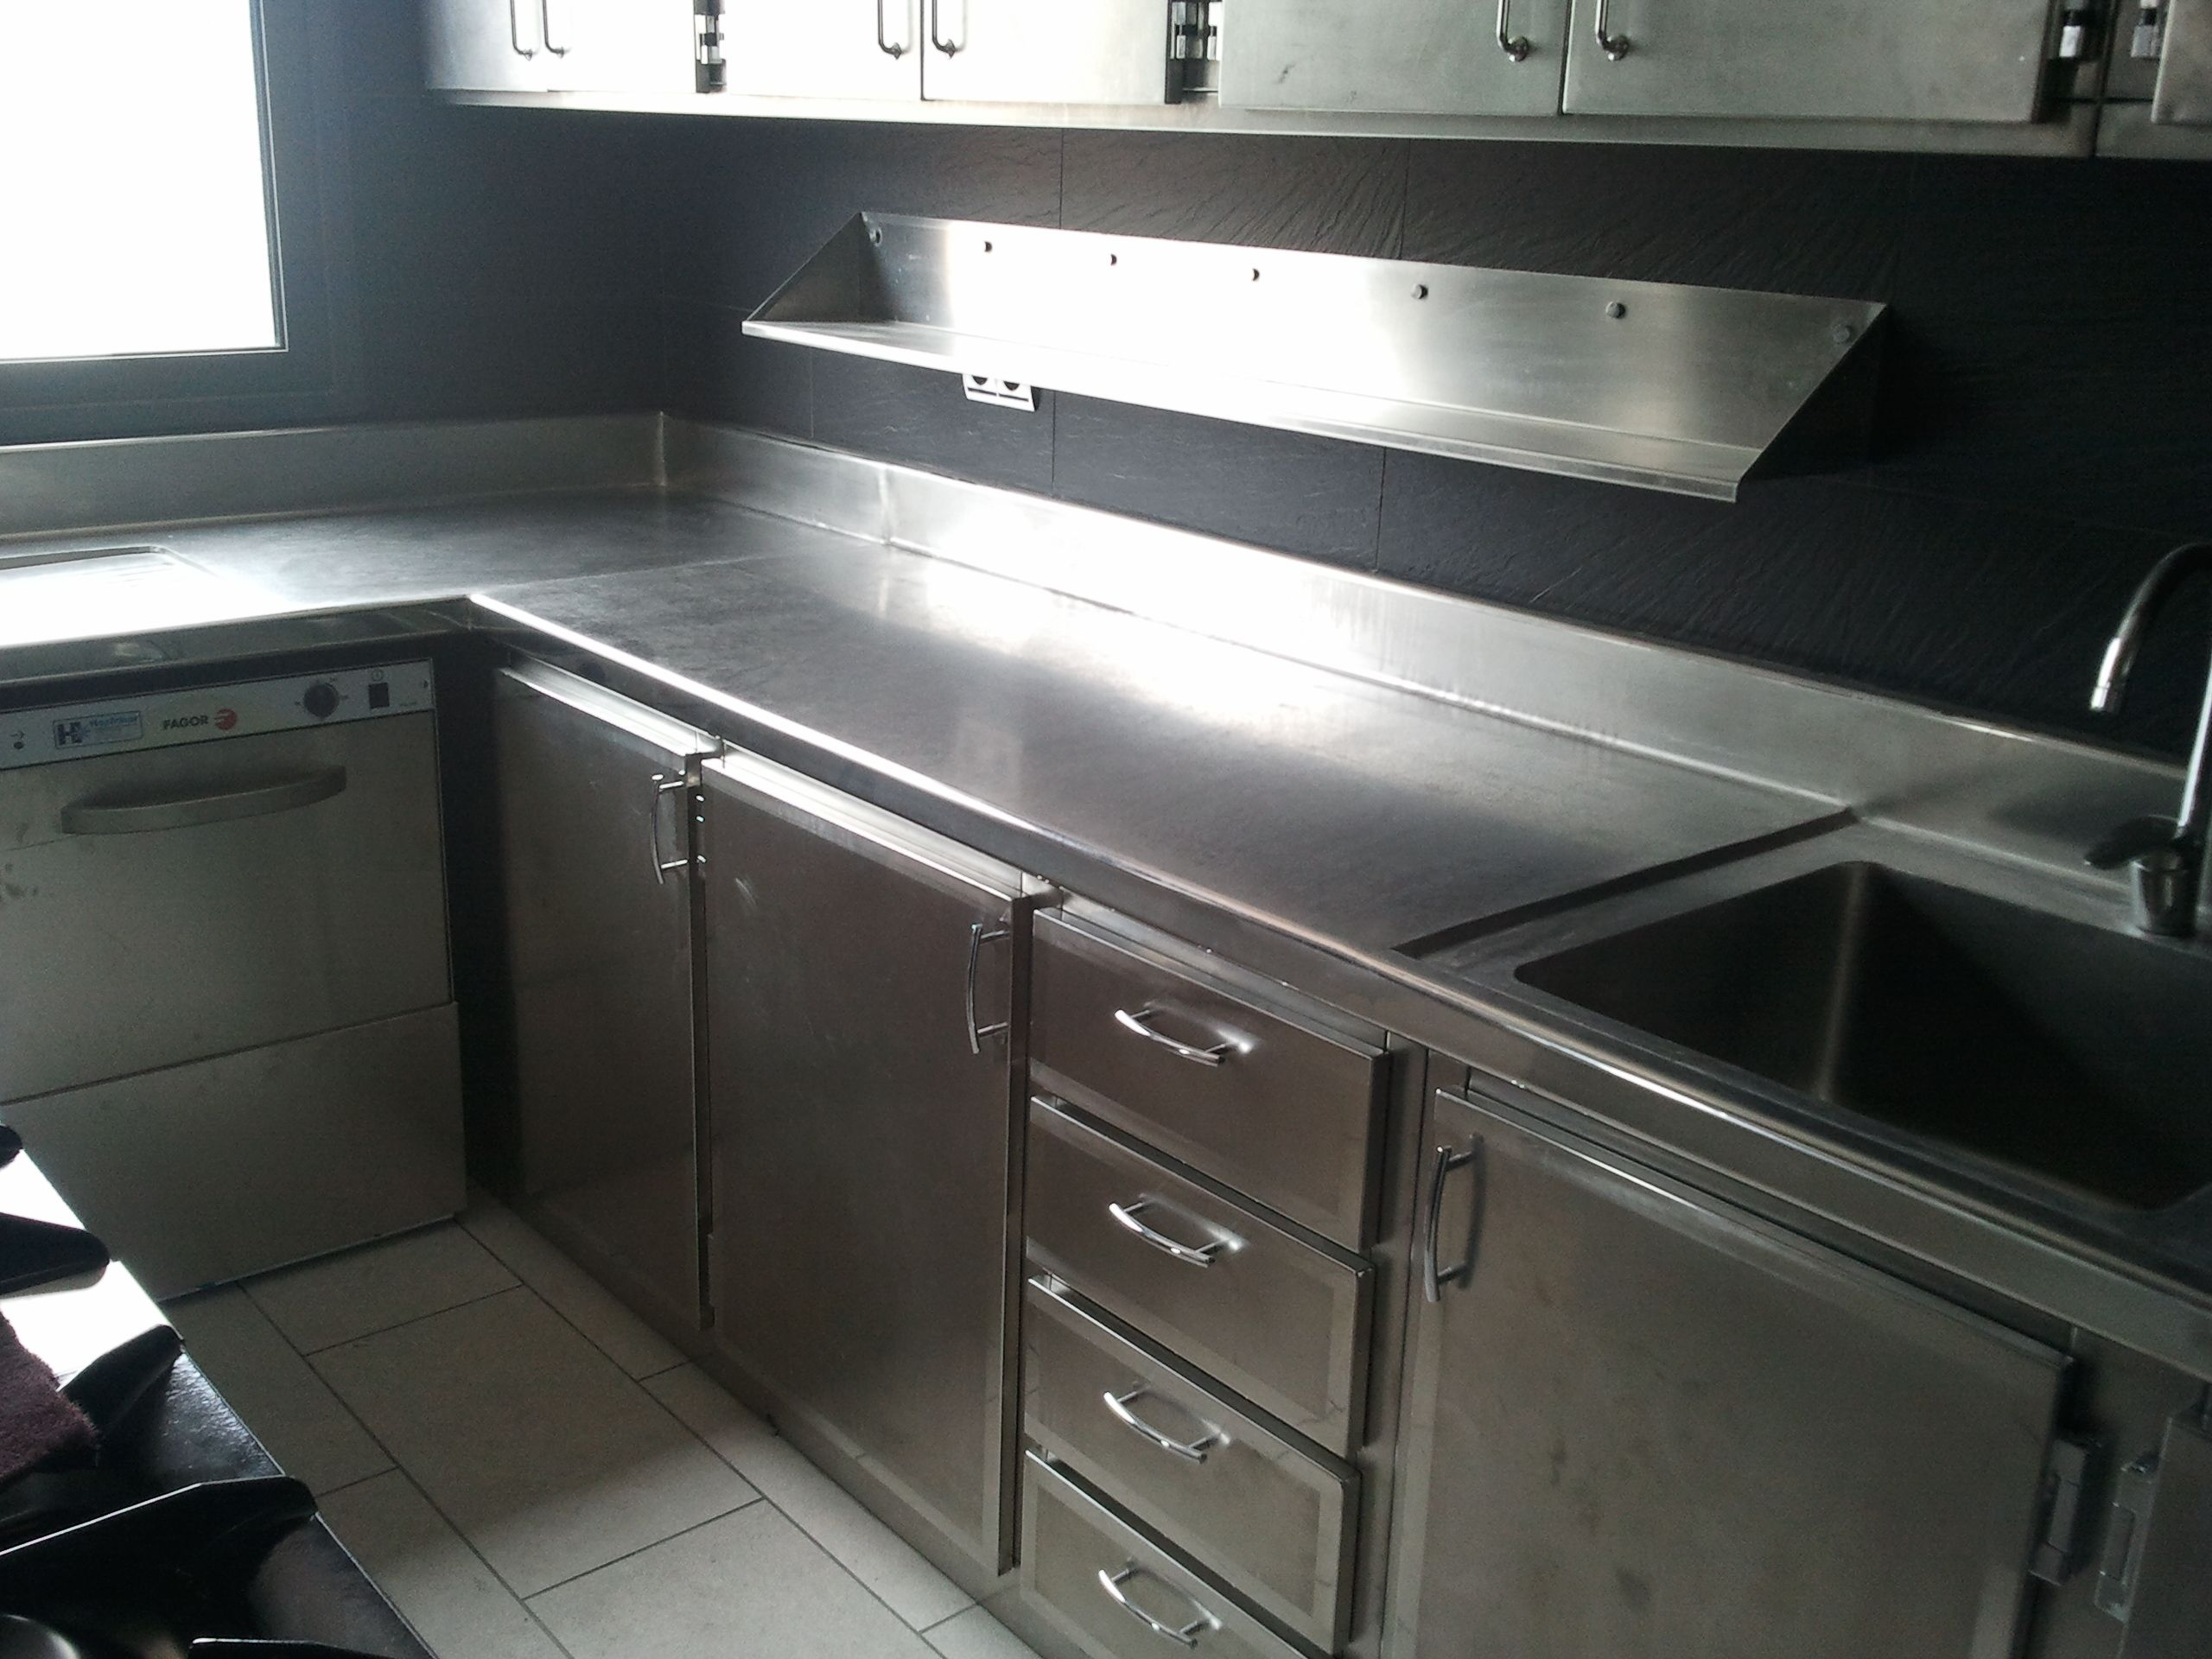 Muebles de cocina en acero inoxidable buscar con google for Muebles echeverria